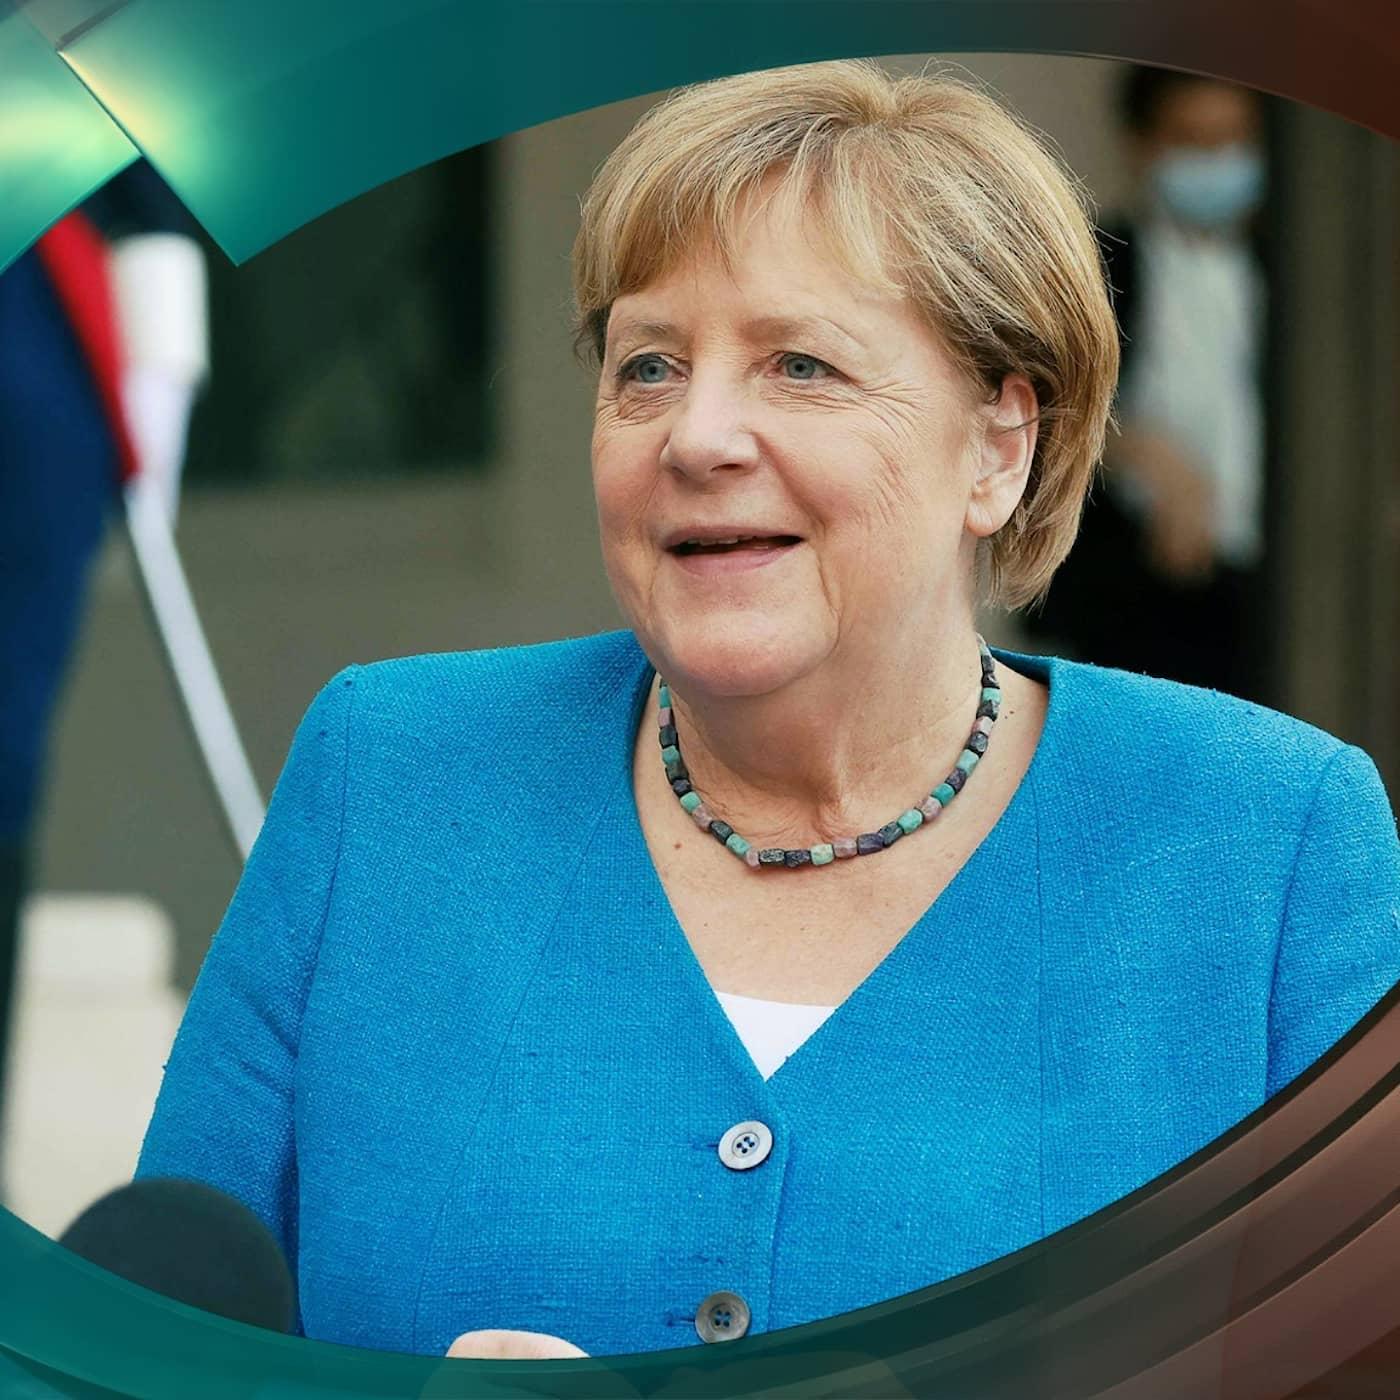 SPECIAL Angela Merkel – Varför är det så stor grej att hon ska sluta?